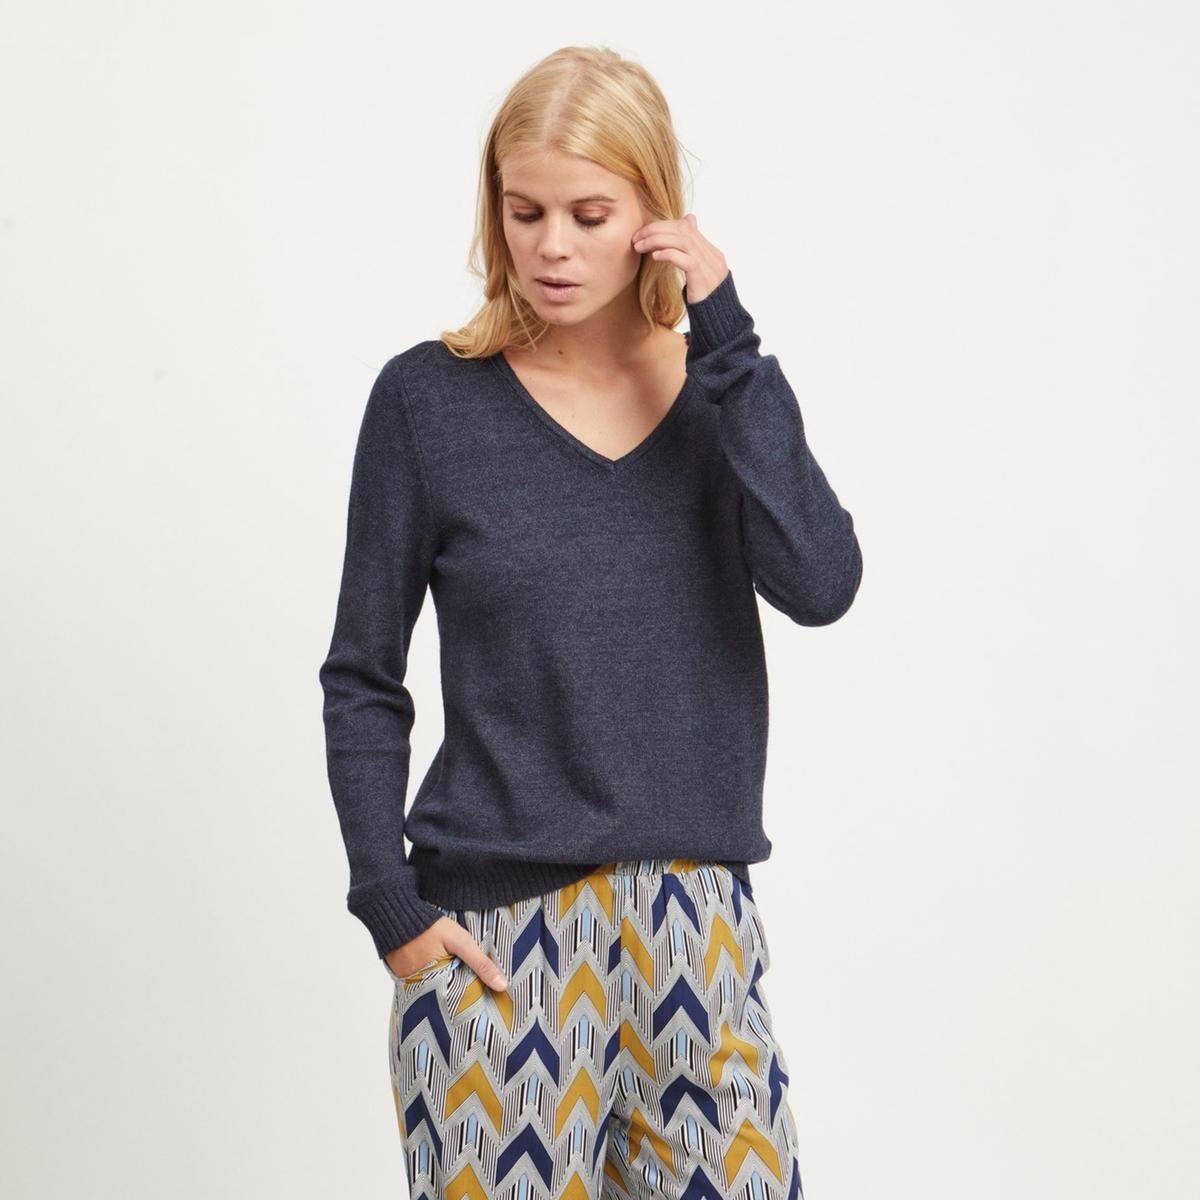 Пуловер La Redoute С V-образным вырезом из тонкого трикотажа XS синий пуловер la redoute с v образным вырезом из тонкого витого трикотажа m каштановый